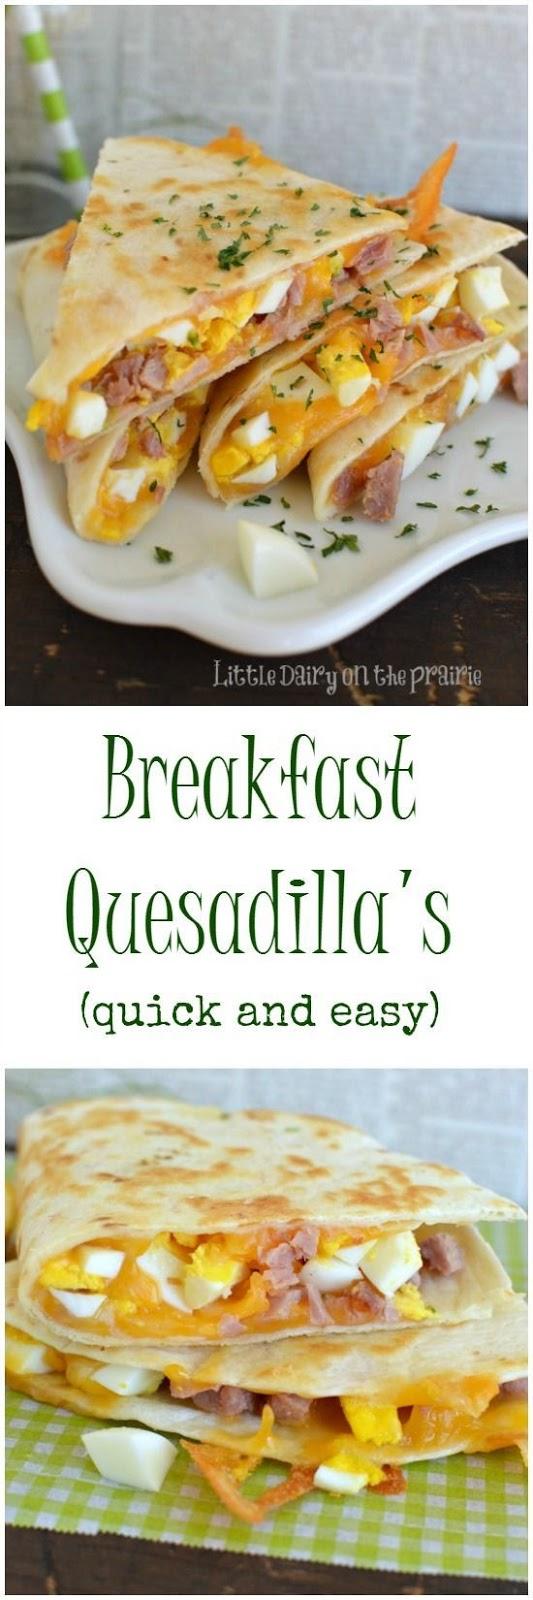 Breakfast Quesadillas #BREAKFAST #AMERICAN